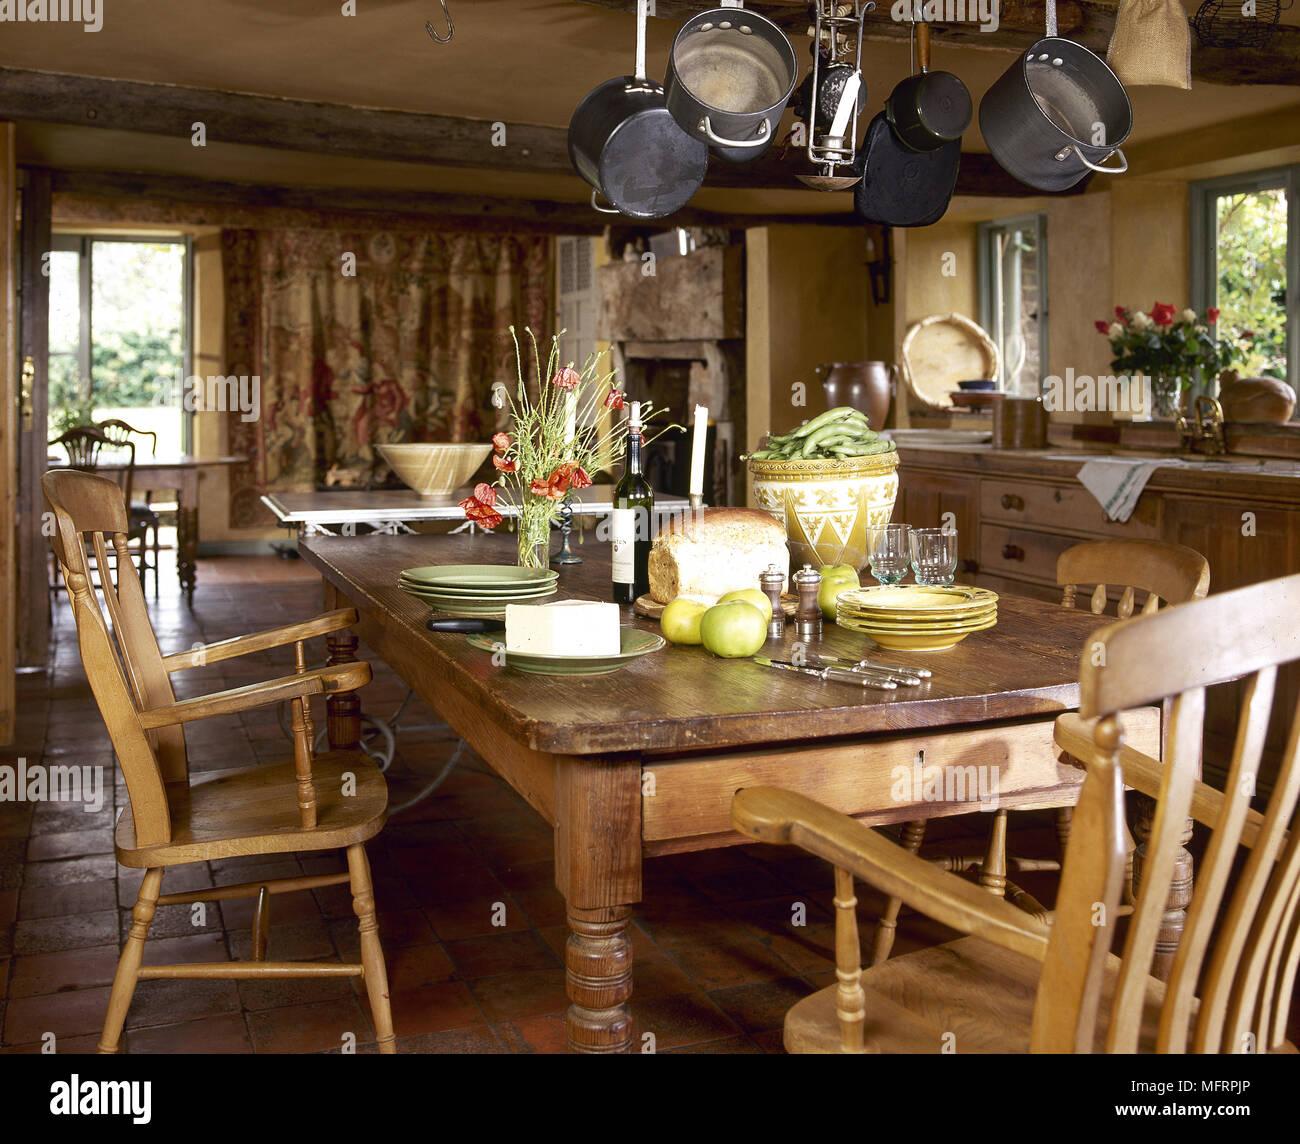 Tavoli Da Cucina Stile Country.In Stile Country Cucina Pino Con Tavolo Da Pranzo E Sedie